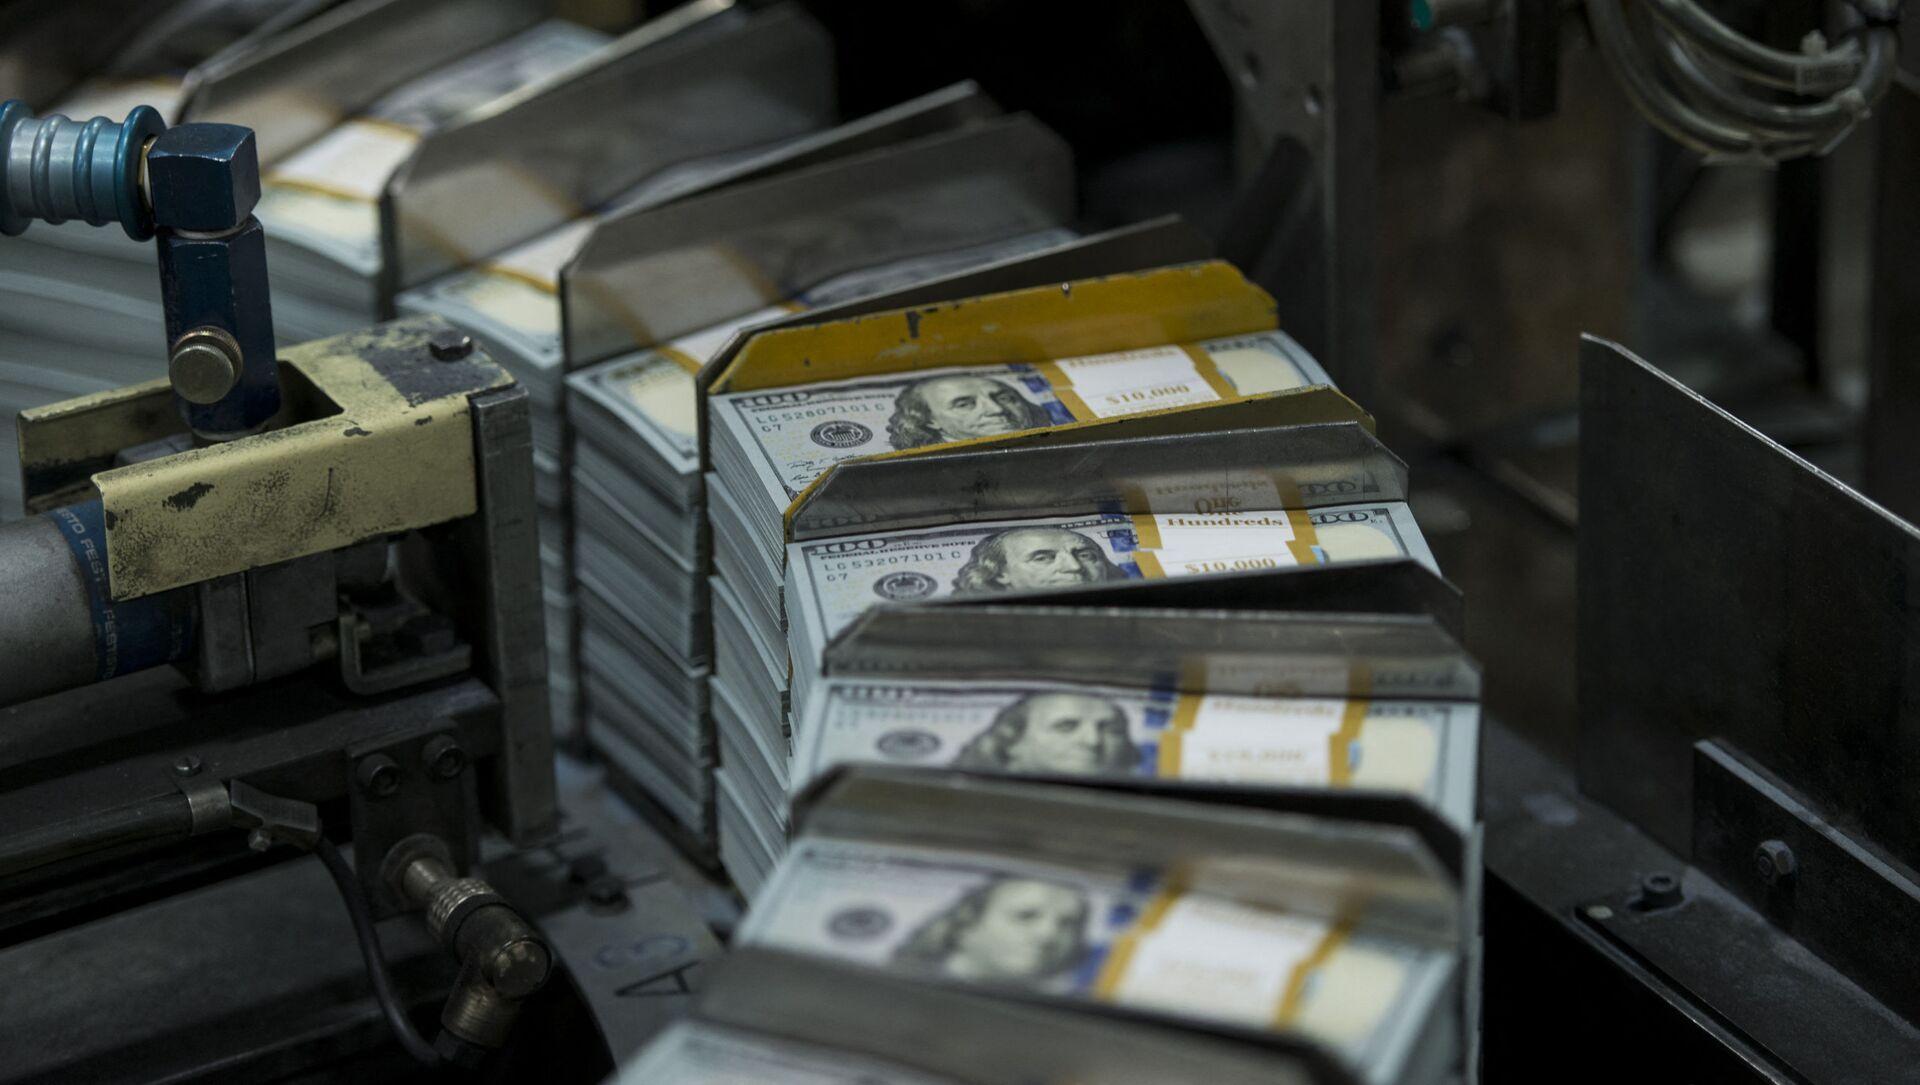 Drukowanie banknotów dolarowych w Teksasie. - Sputnik Polska, 1920, 09.05.2021